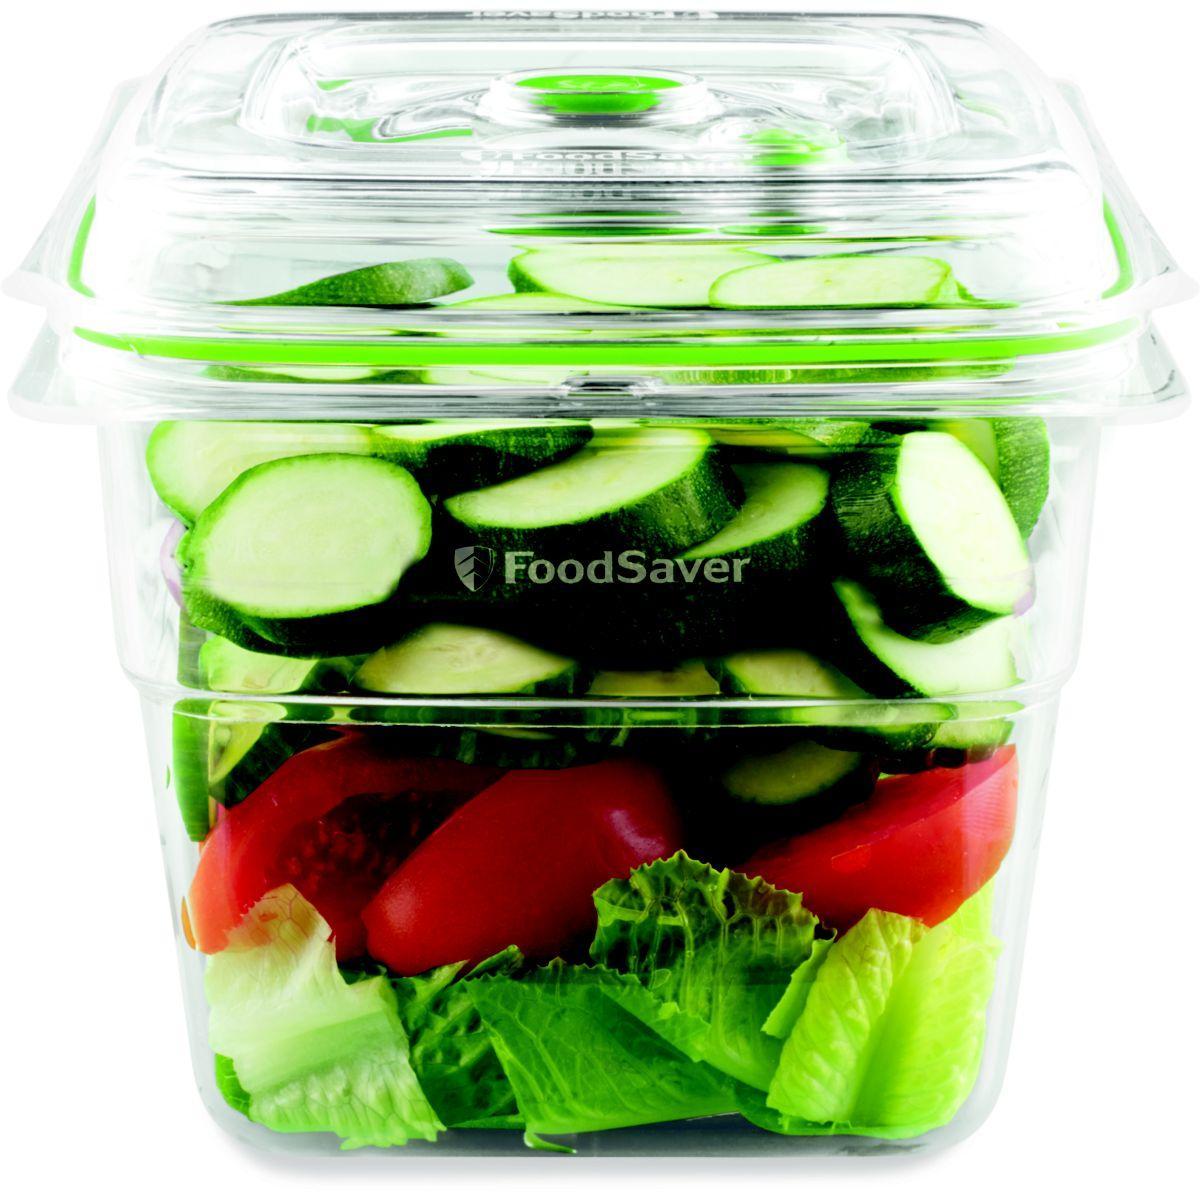 Accessoire food saver ffc008x boîte fraî - 20% de remise immédiate avec le code : cool20 (photo)